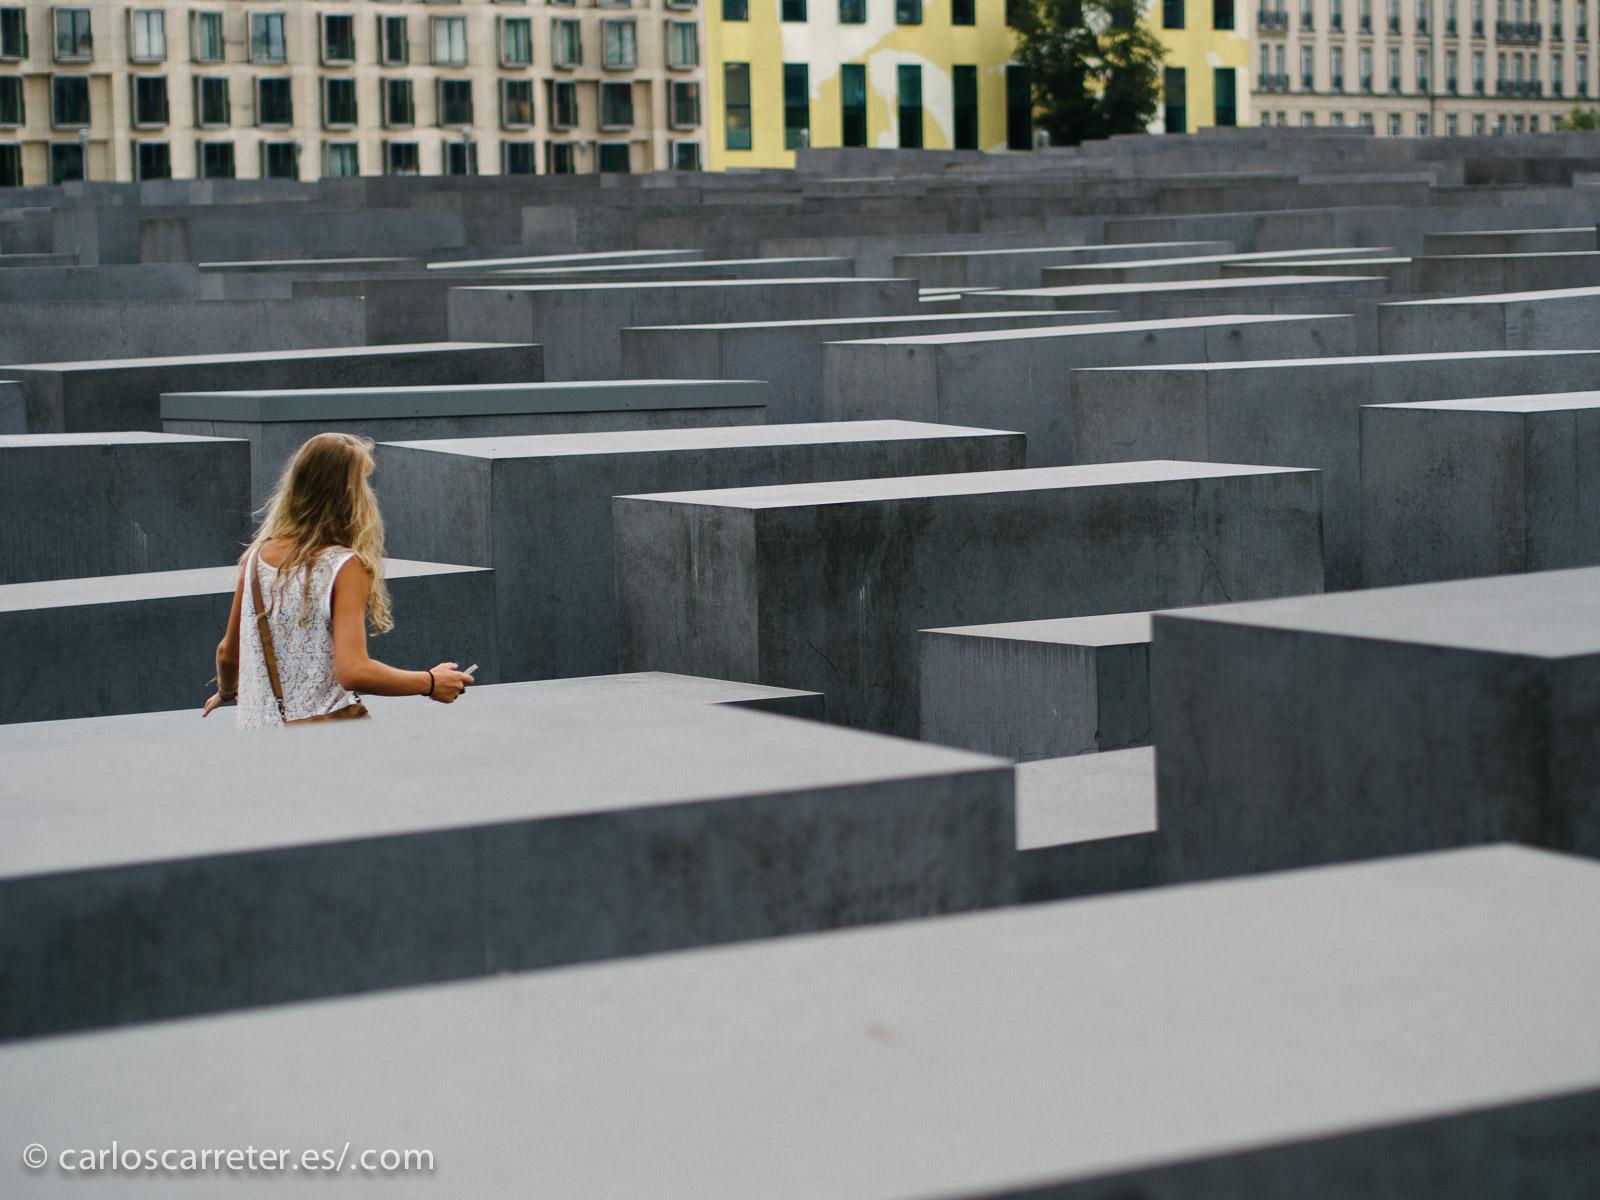 El previsible momento en el que la chica mona y el chico mono se dan cuenta que hay algo incluye una visita turística por Berlín, en la que sólo falta el memorial a los judíos asesinados en Europa. Lo cierto es que la película parece por momentos un publirreportaje turístico de la capital germana.